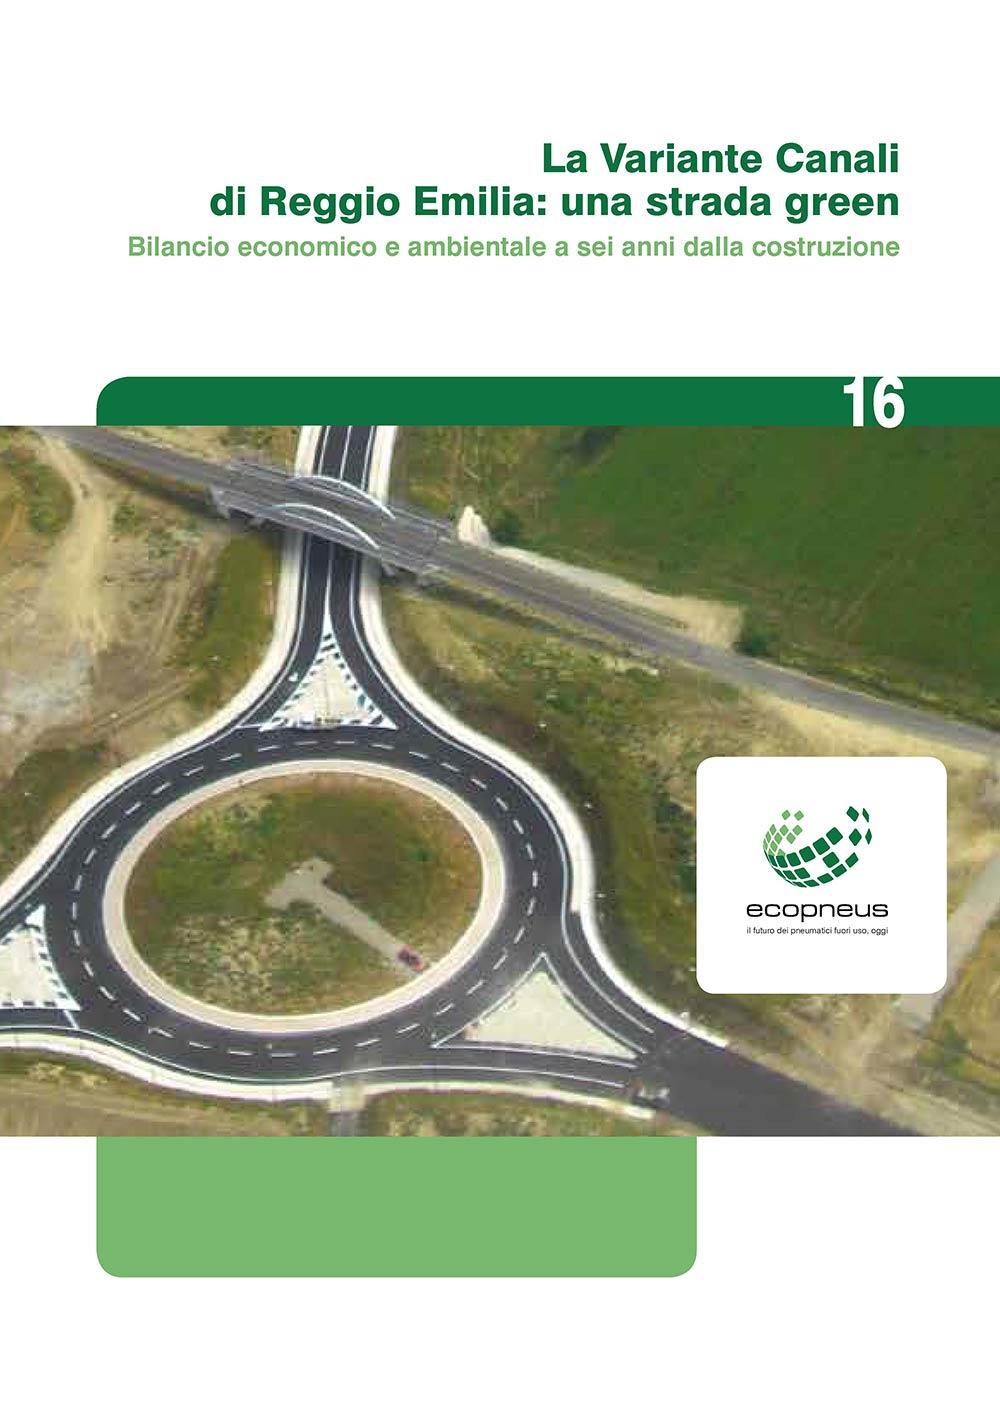 La Variante Canali di Reggio Emilia: una strada green